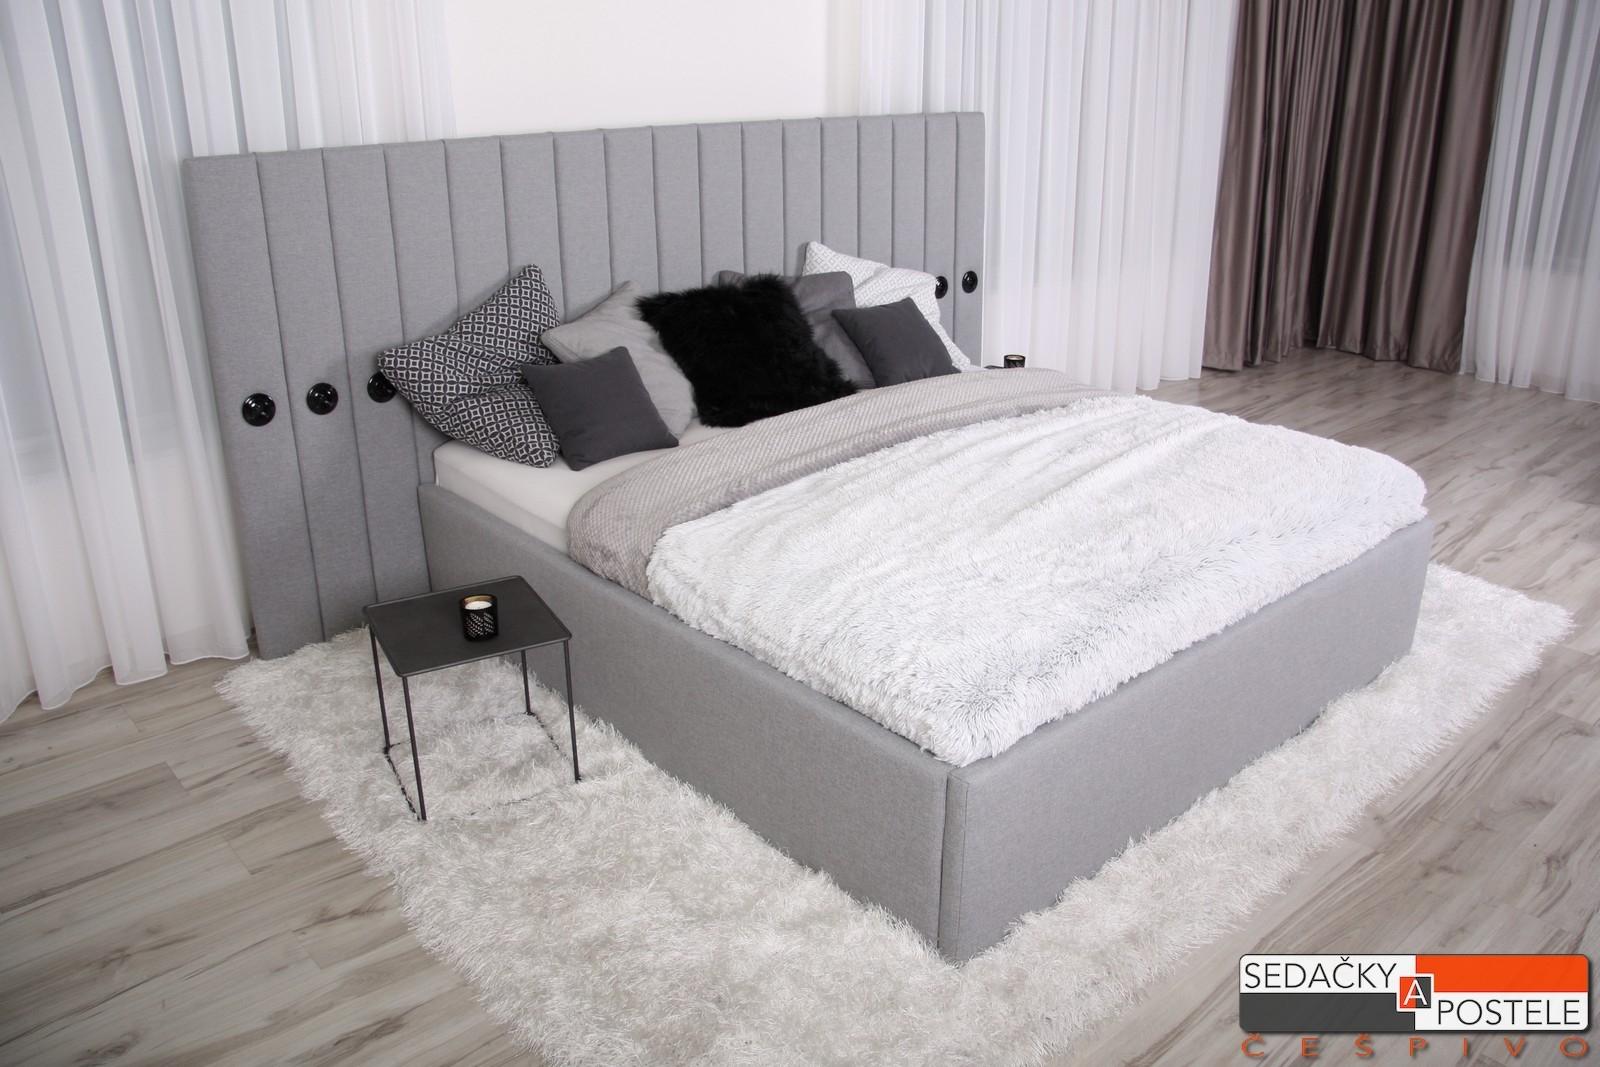 postel-valsugana-06